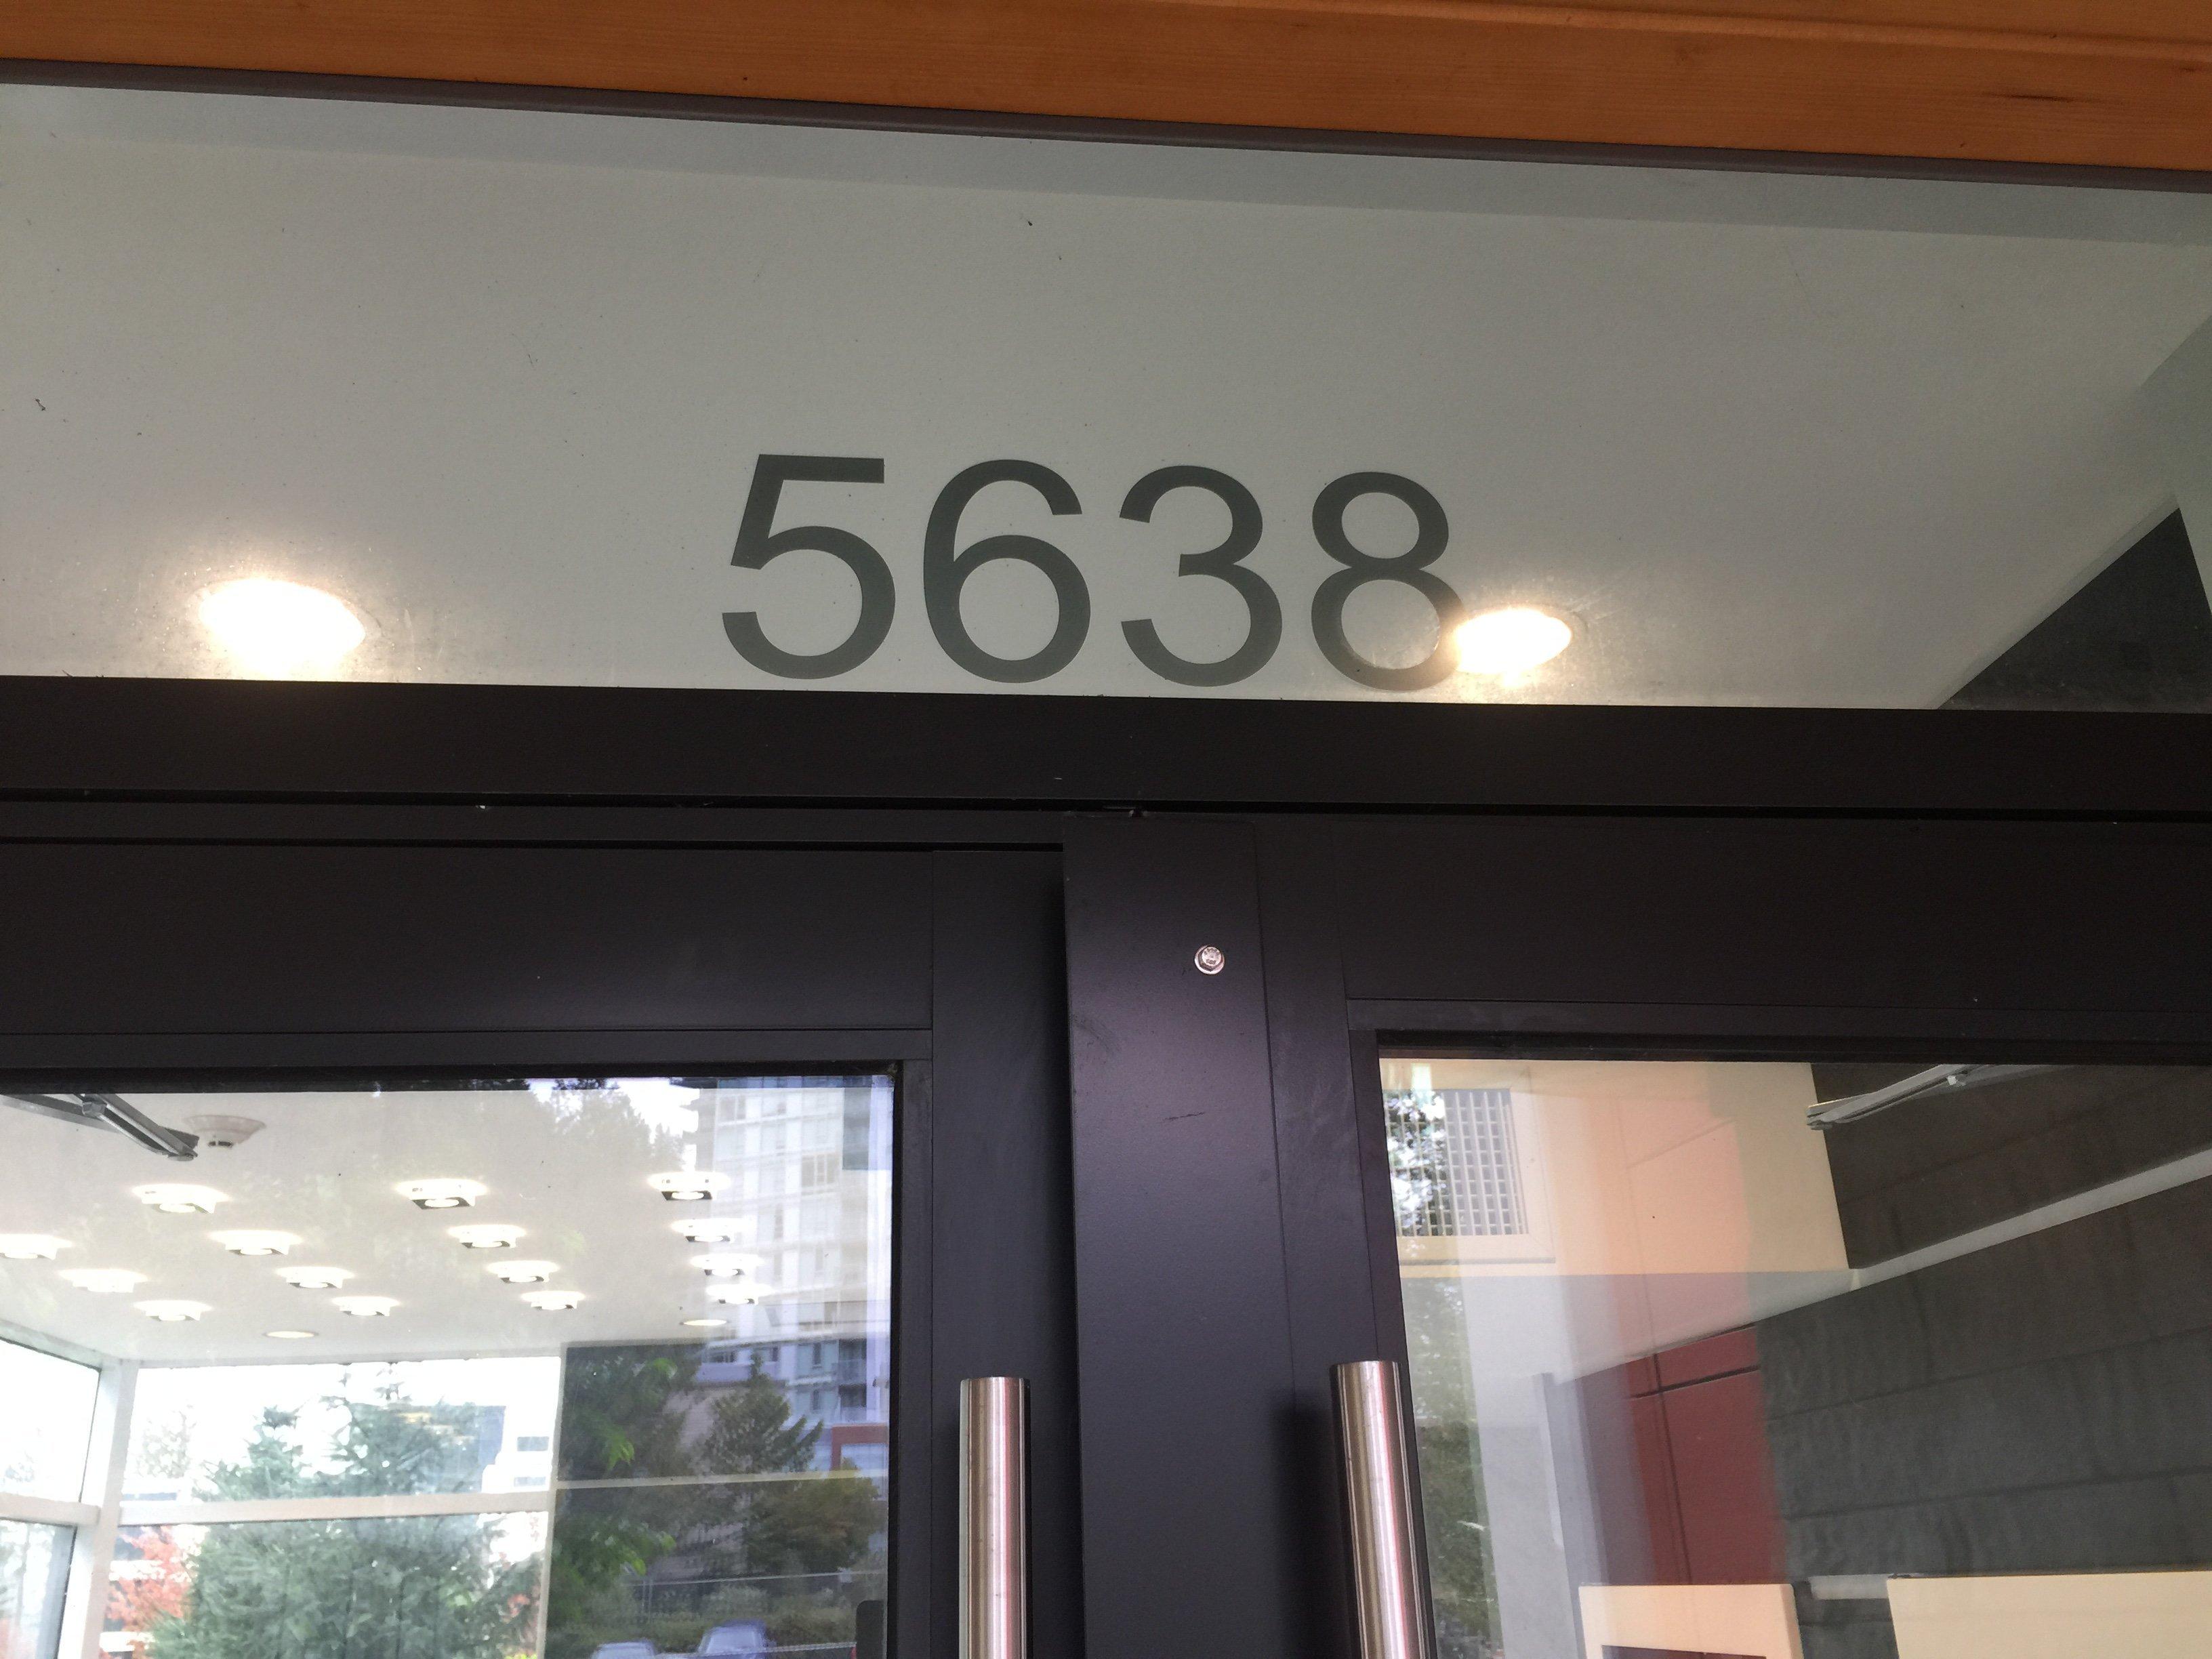 5638 Birney!